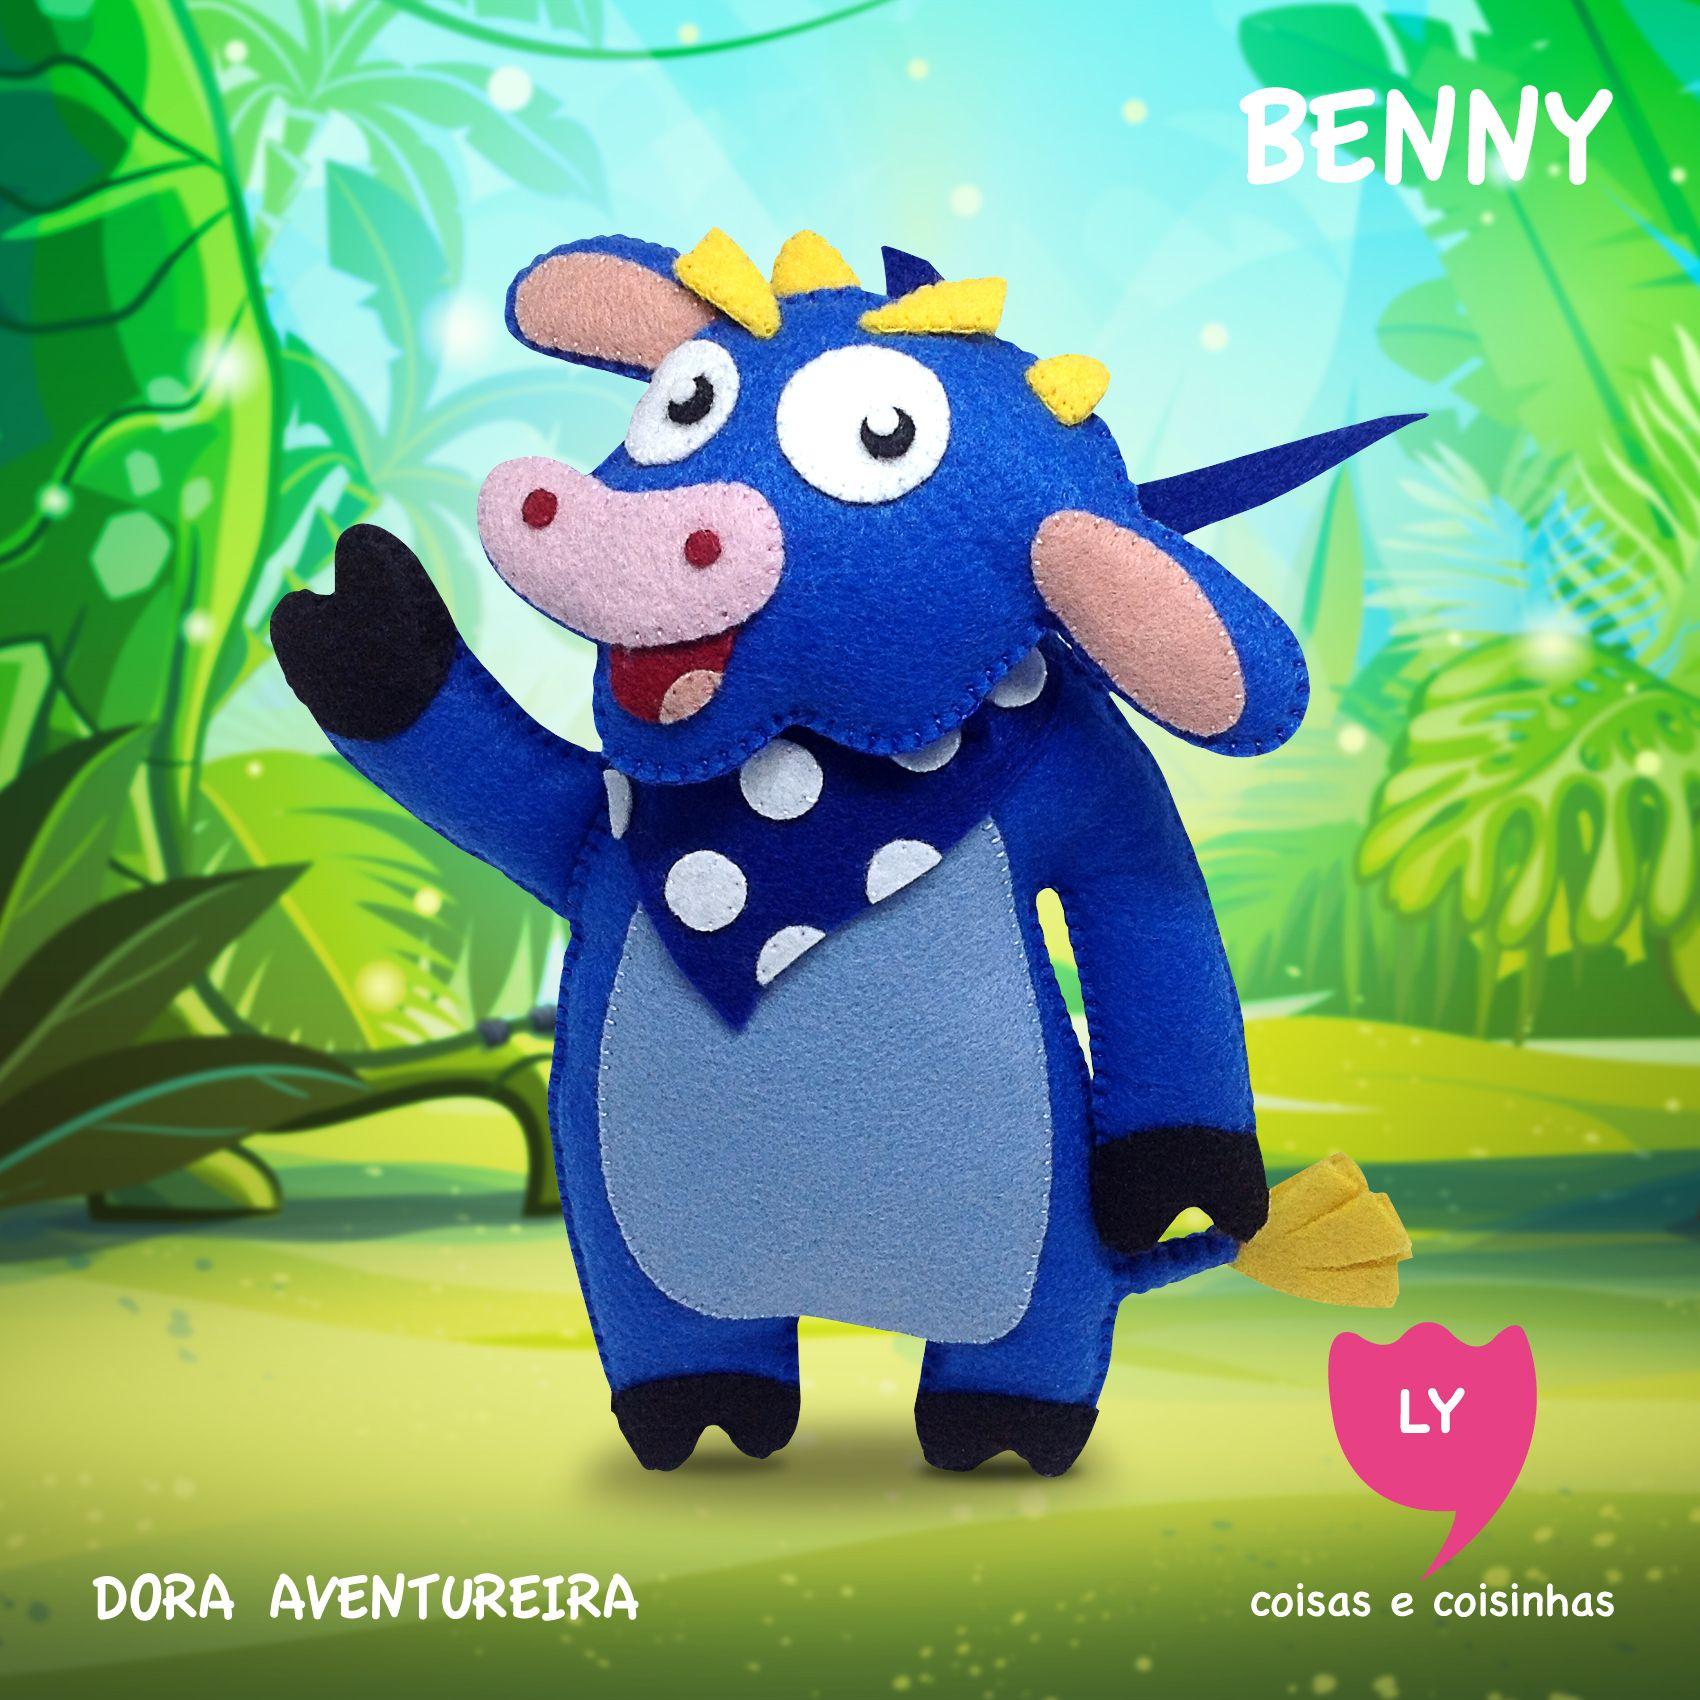 Benny é um Touro amigo da Dora, que mora em um celeiro, adora comer, e muitas vezes faz passeios em um balão de ar quente. Benny, por vezes, fornece Dora com algo que ela precisa em sua busca atual. (Wikipedia) #benny #touro #doraaventureira #feltro #educacional #festainfantil #decoracaofesta #bull #doratheexplorer #felt #handmade #lycoisasecoisinhas